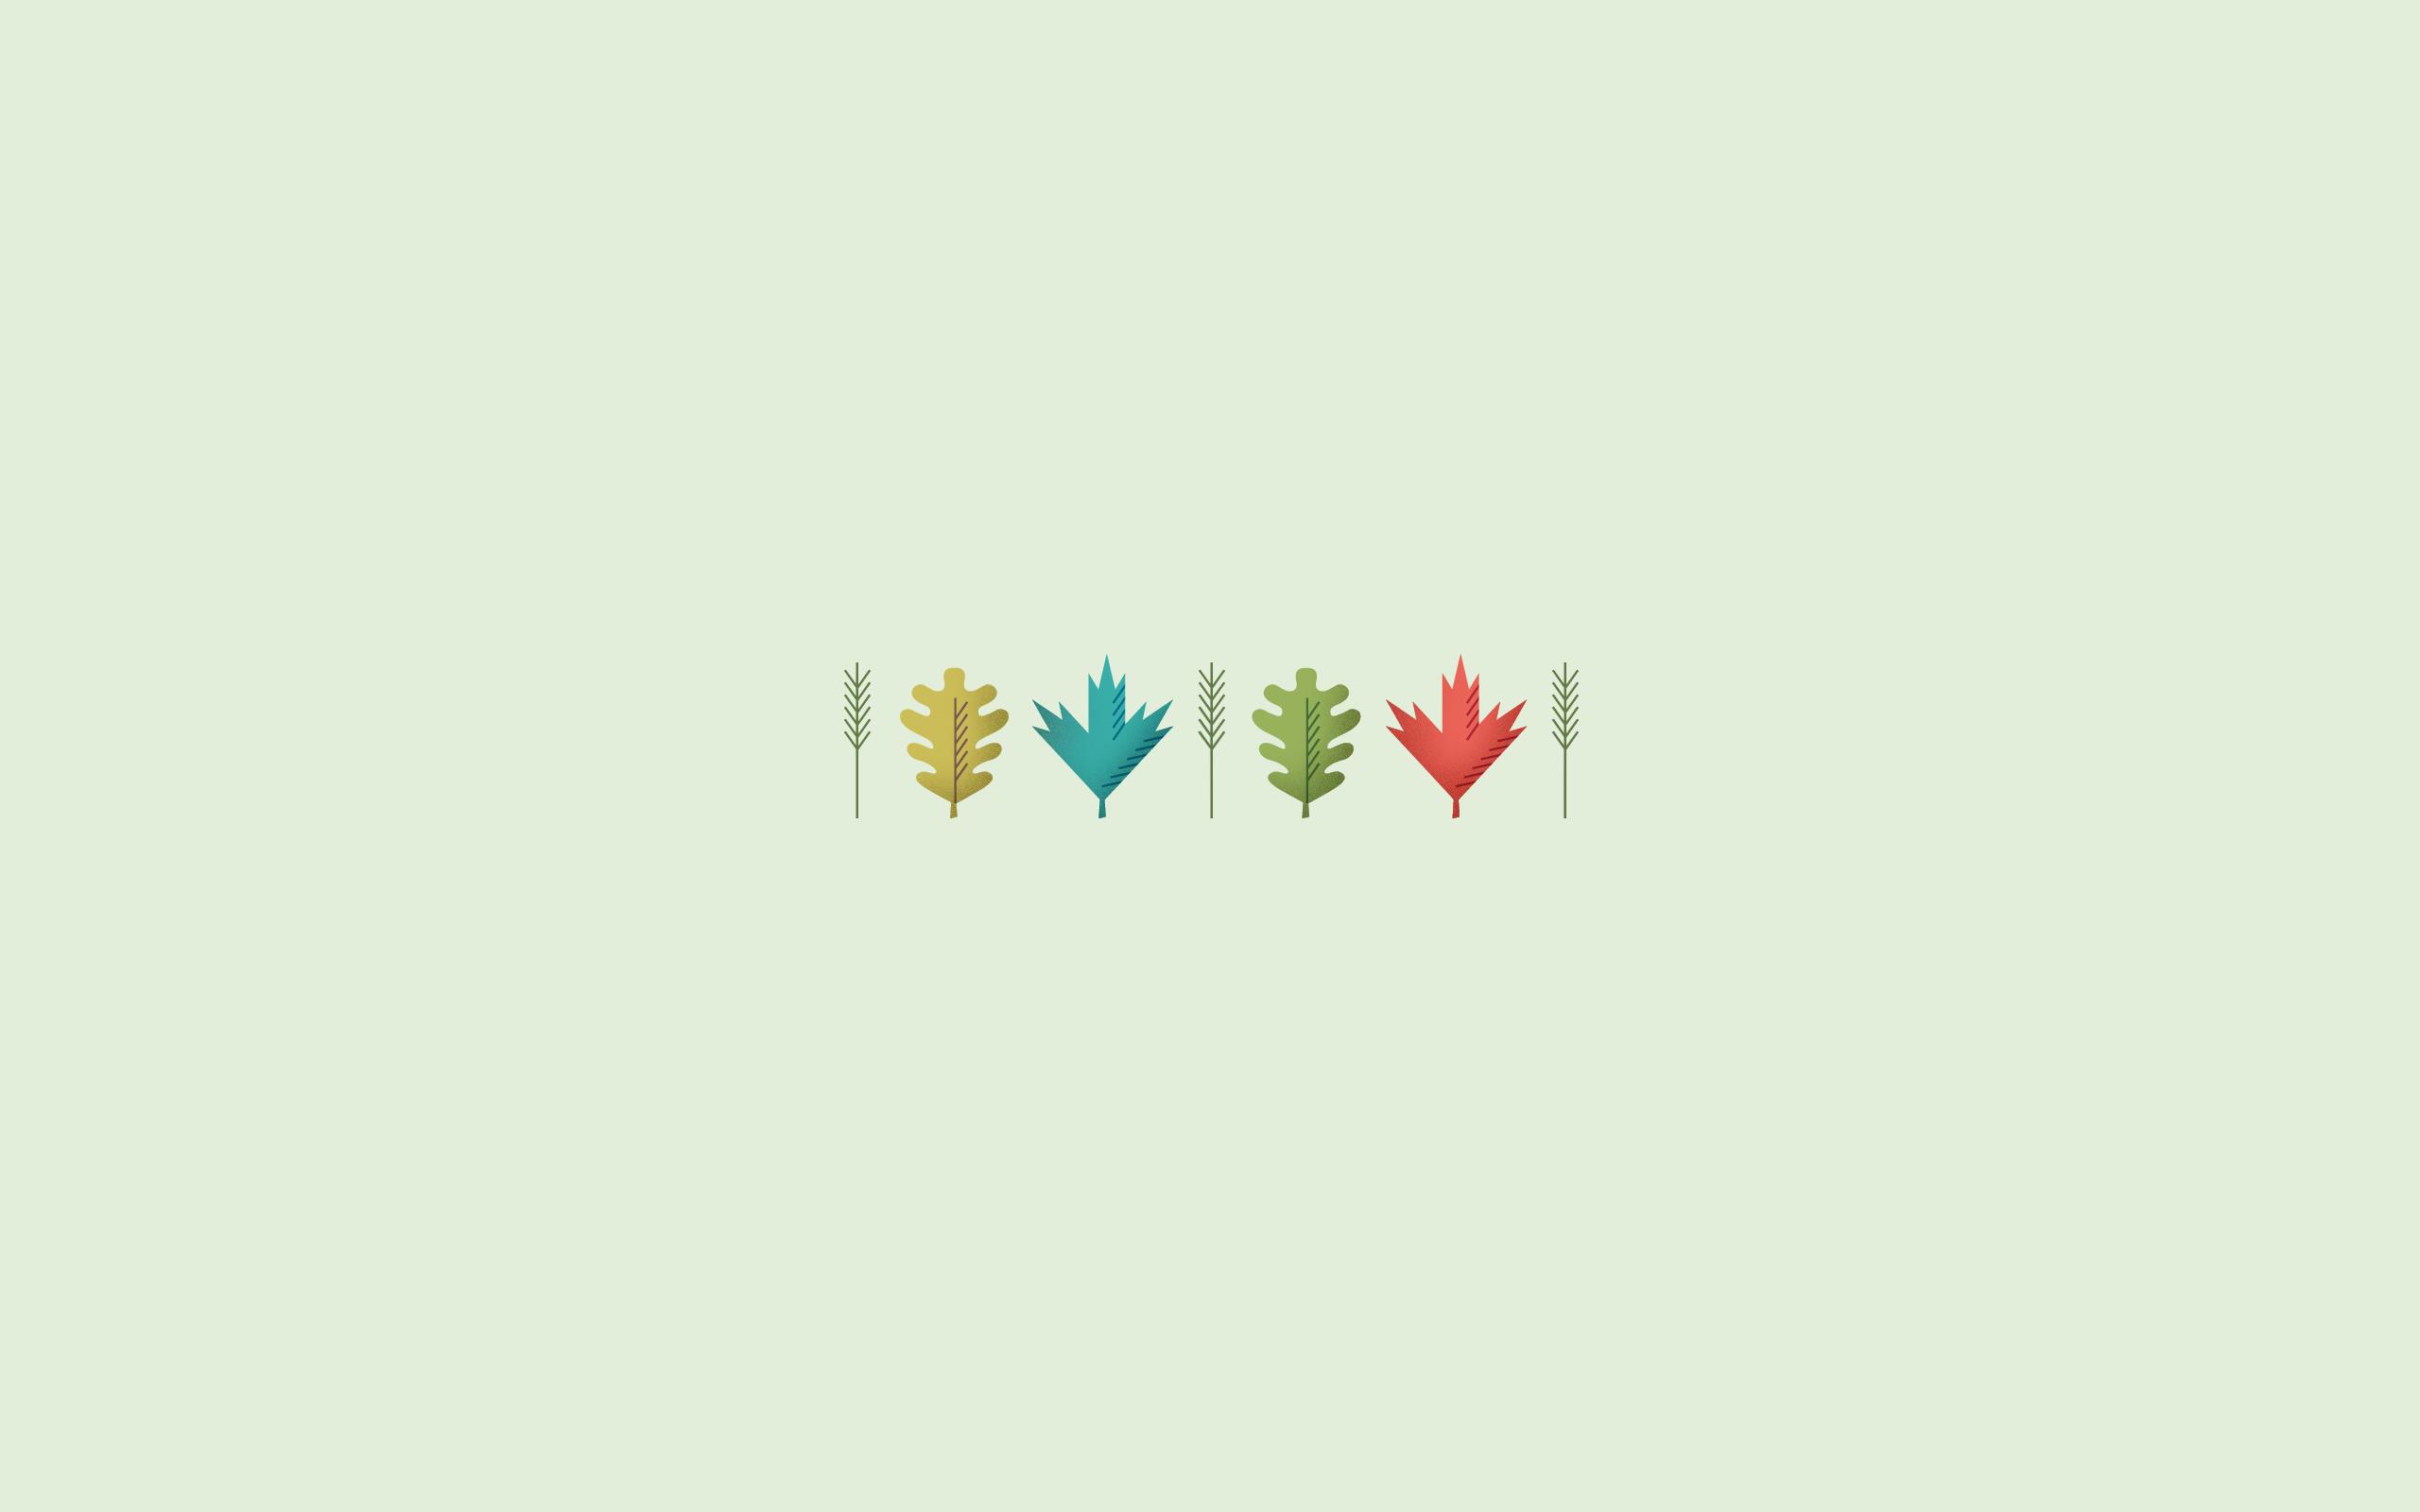 cute fall desktop wallpaper   wwwwallpapers in hdcom 2560x1600